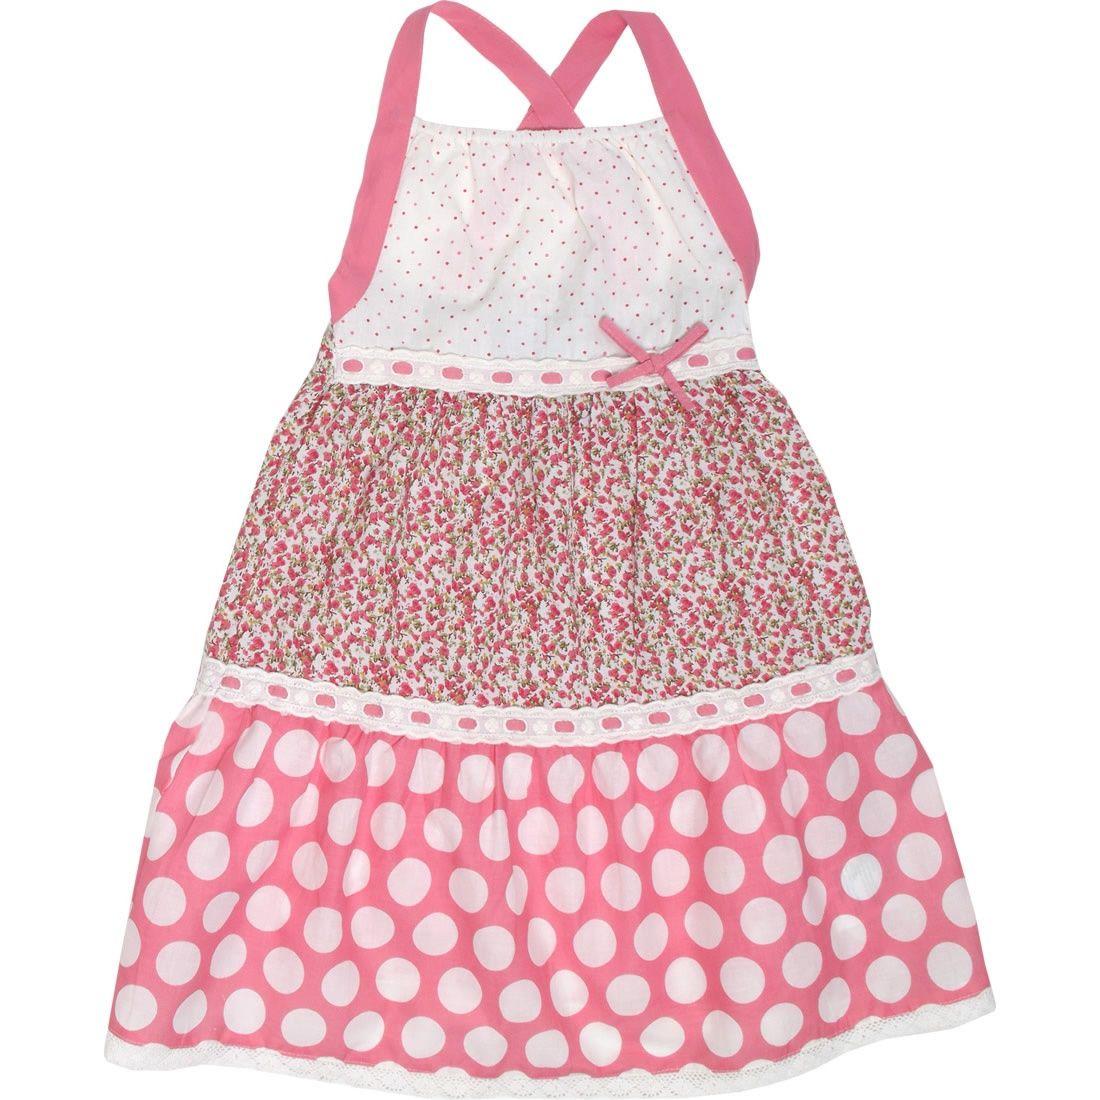 Oobi  Daisy tiered sundress - pink